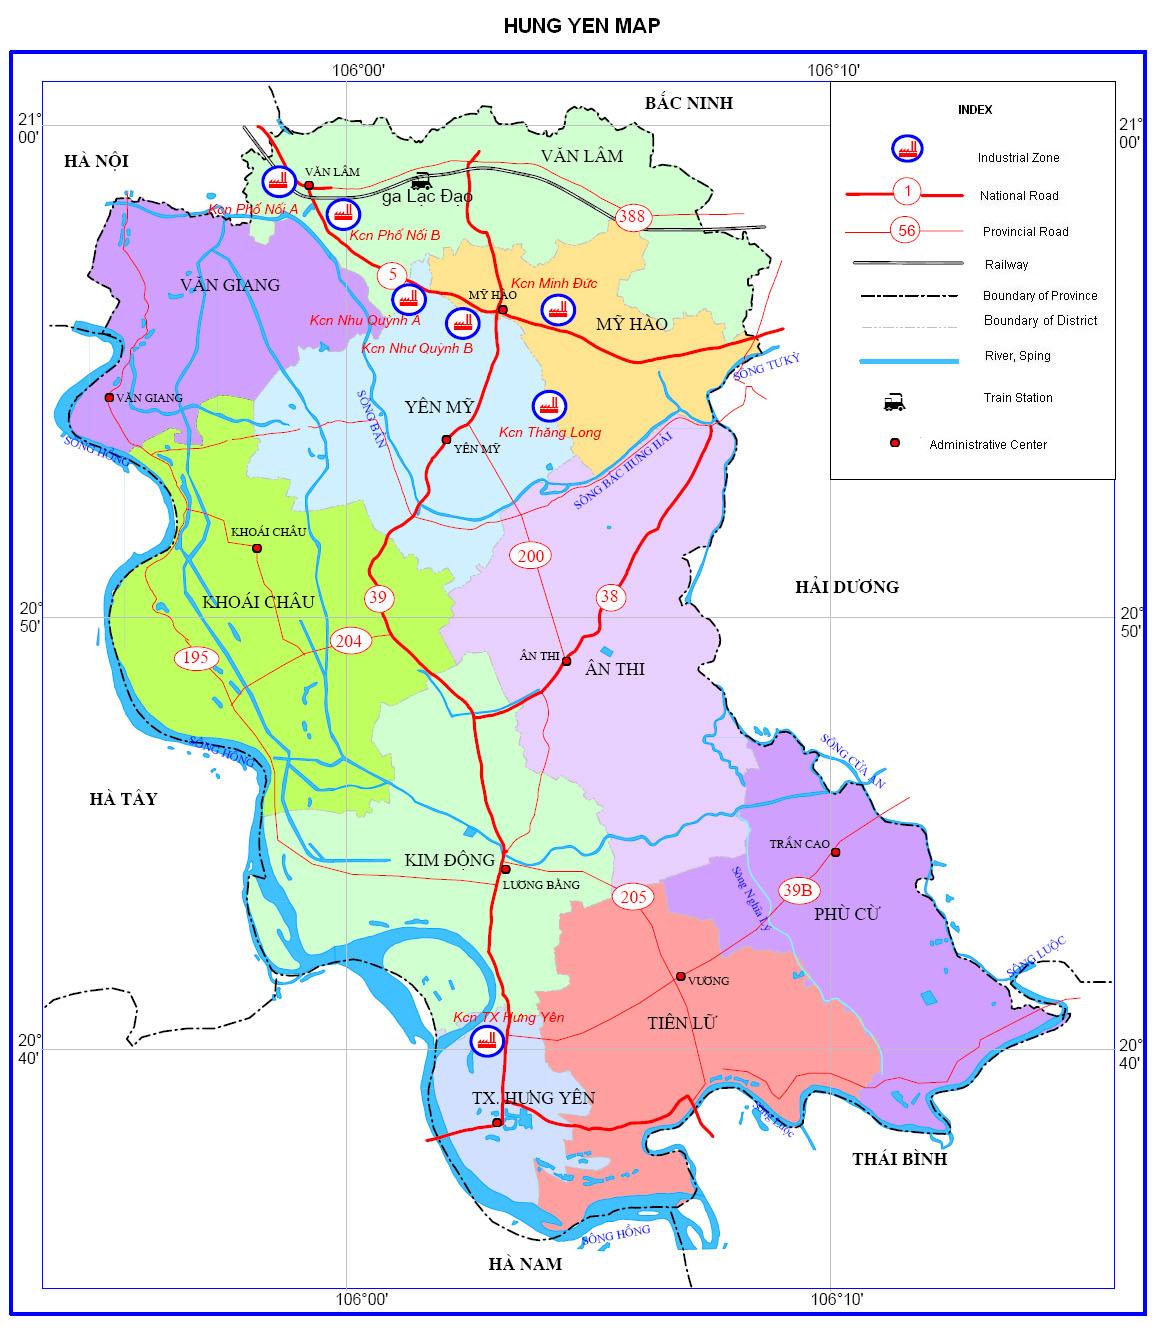 Bảng giá nhà đất Hưng Yên từ năm 2015 đến 2020 11